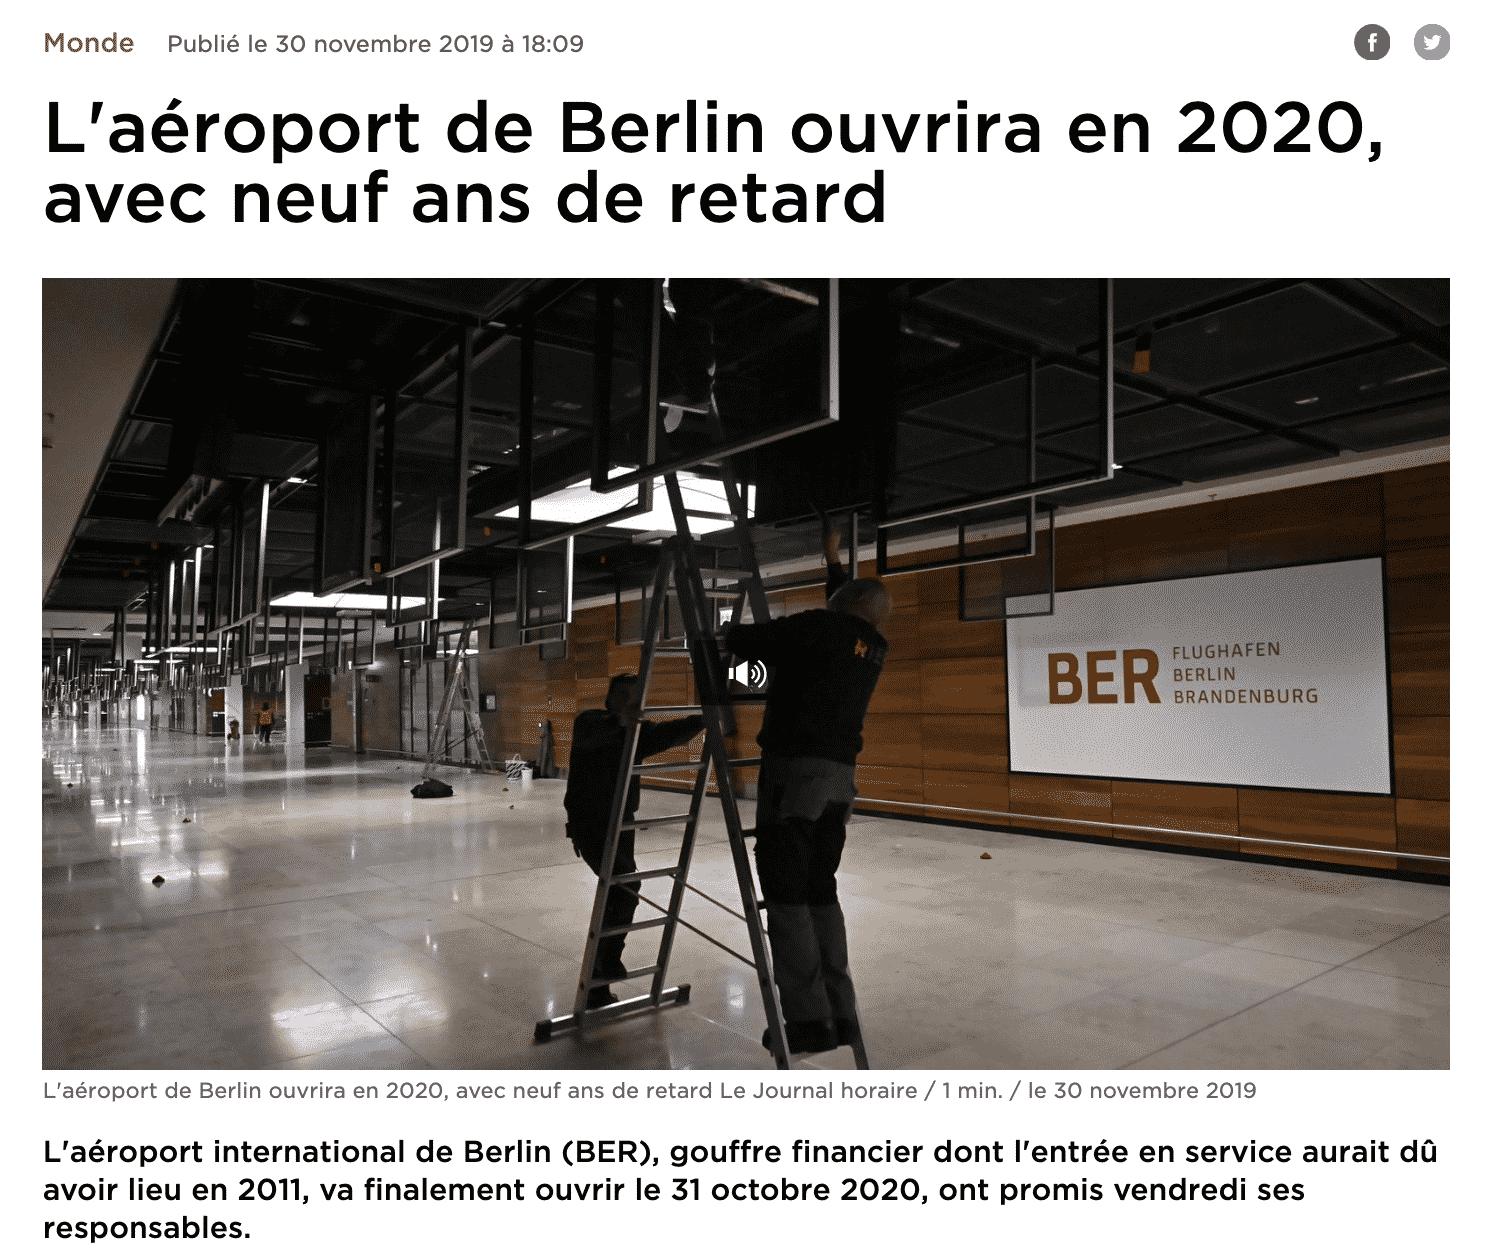 L'aéroport international de Berlin (BER)